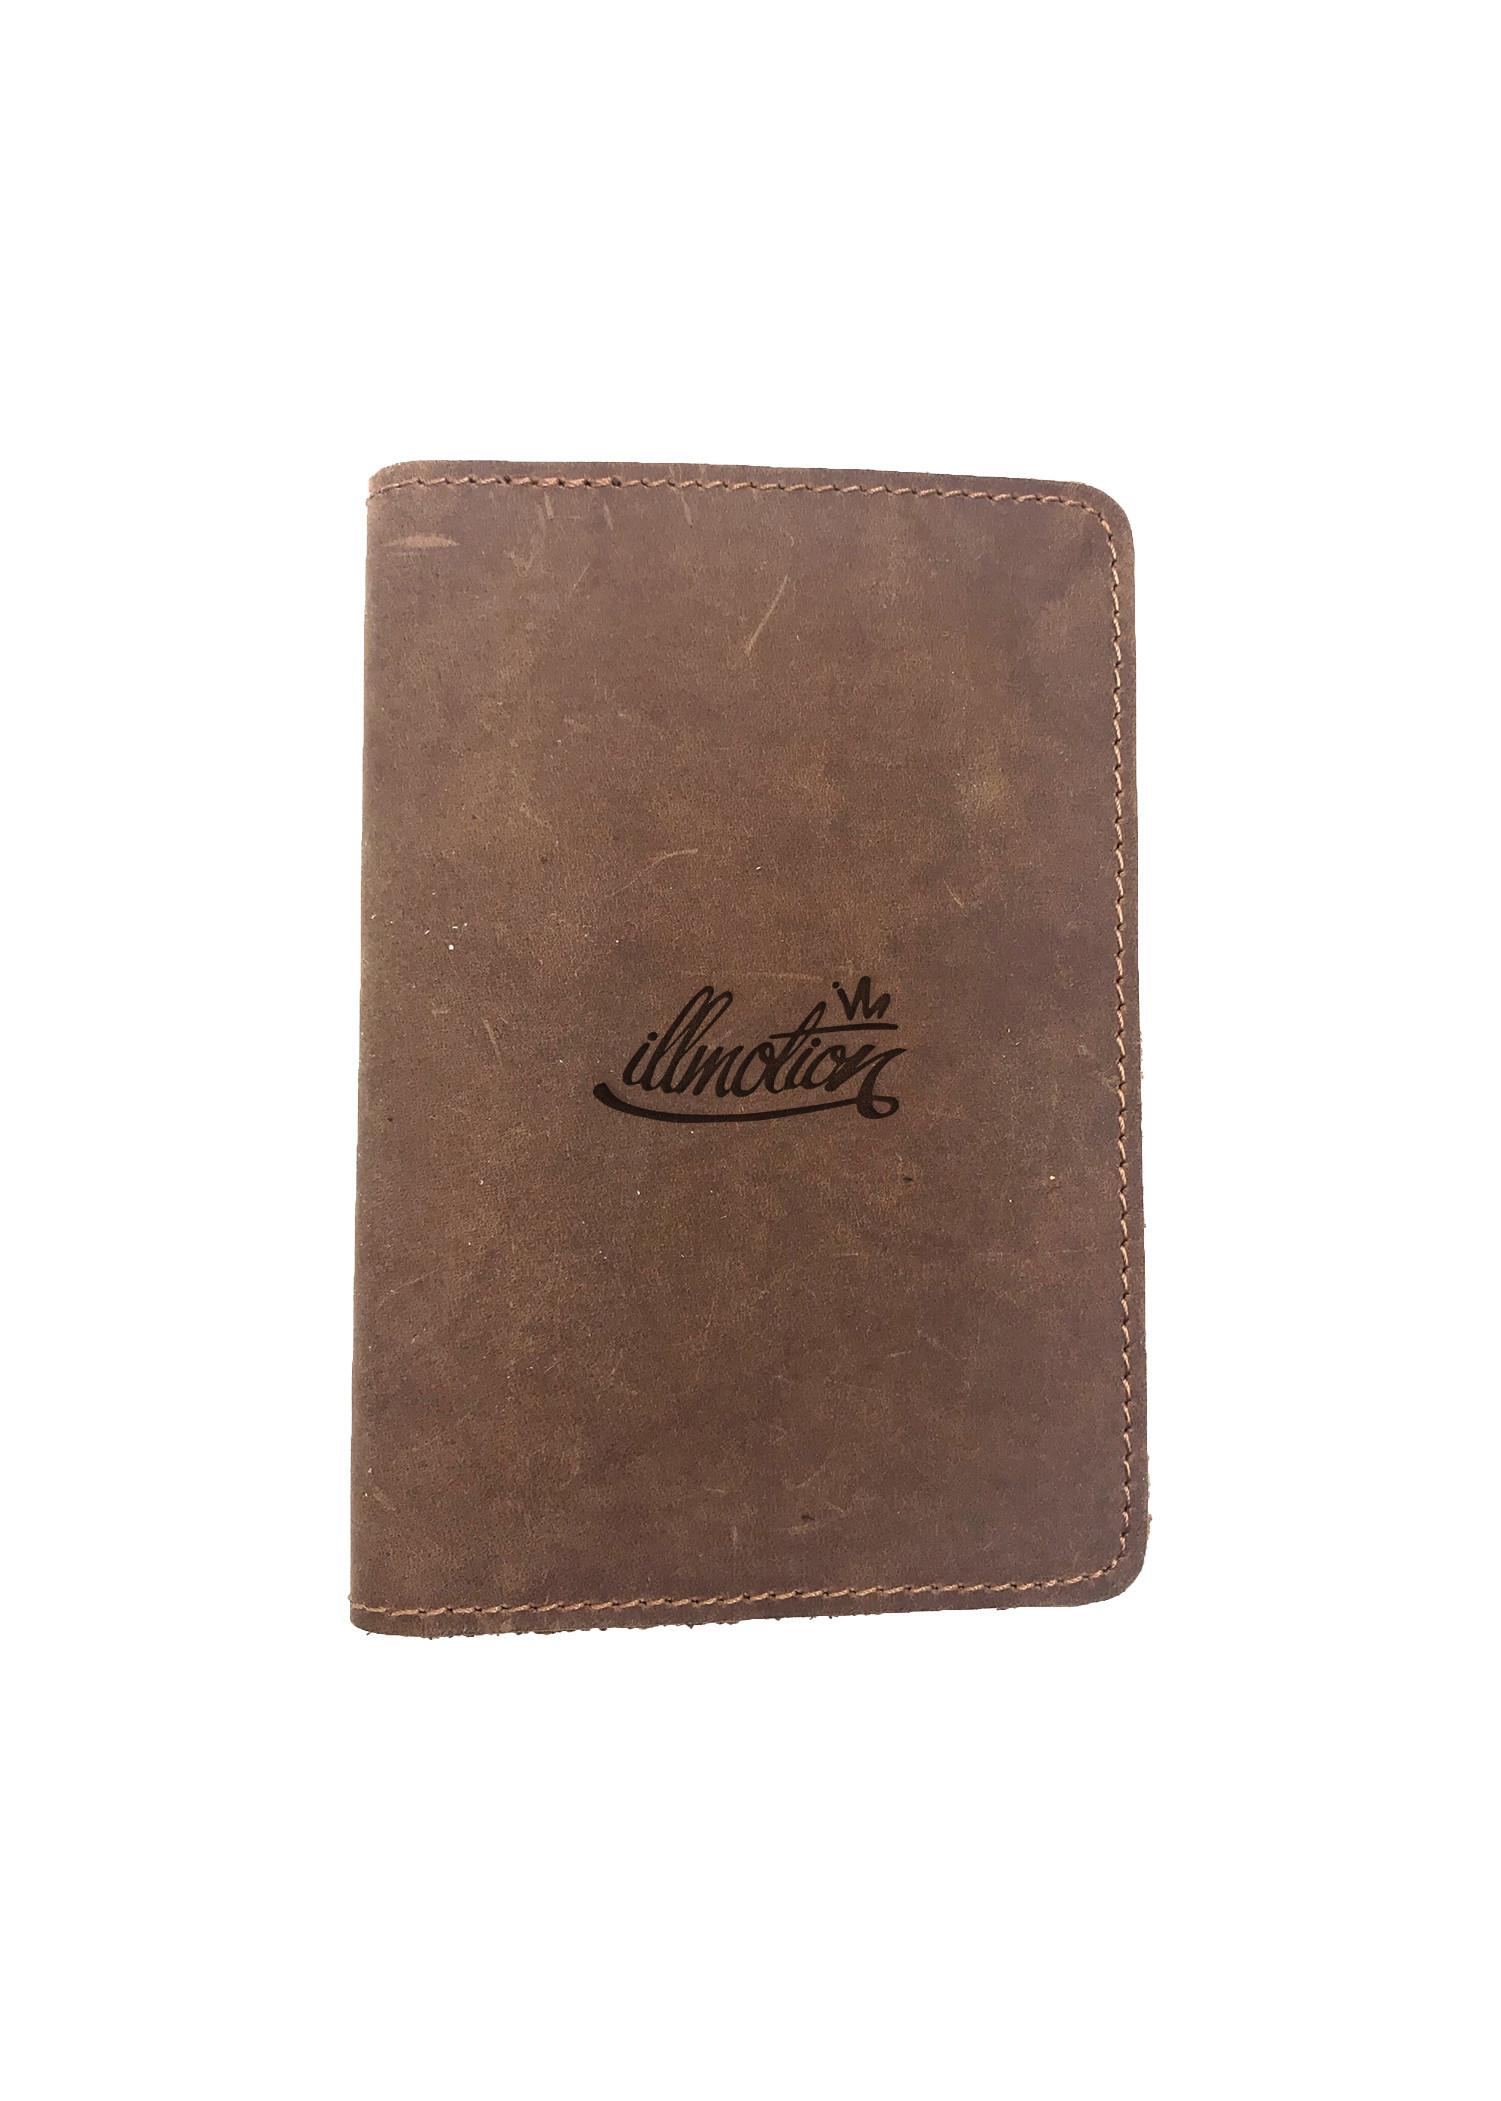 Passport Cover Bao Da Hộ Chiếu Da Sáp Khắc Hình Chữ ILLMOTION (BROWN)